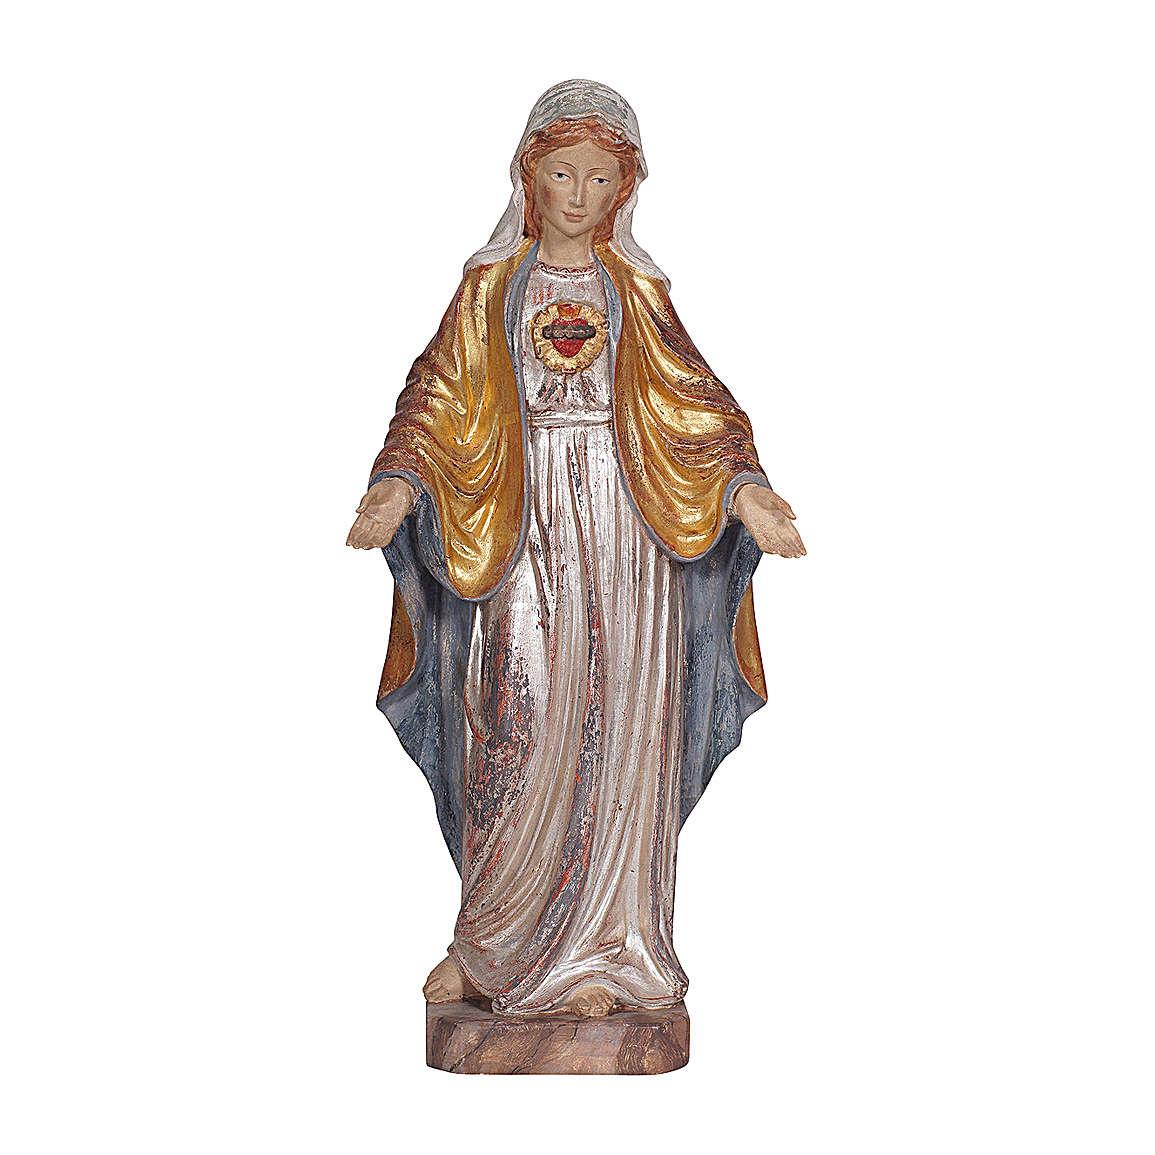 Imaculado Coração de Maria madeira Val Gardena ouro maciço capa prata 4